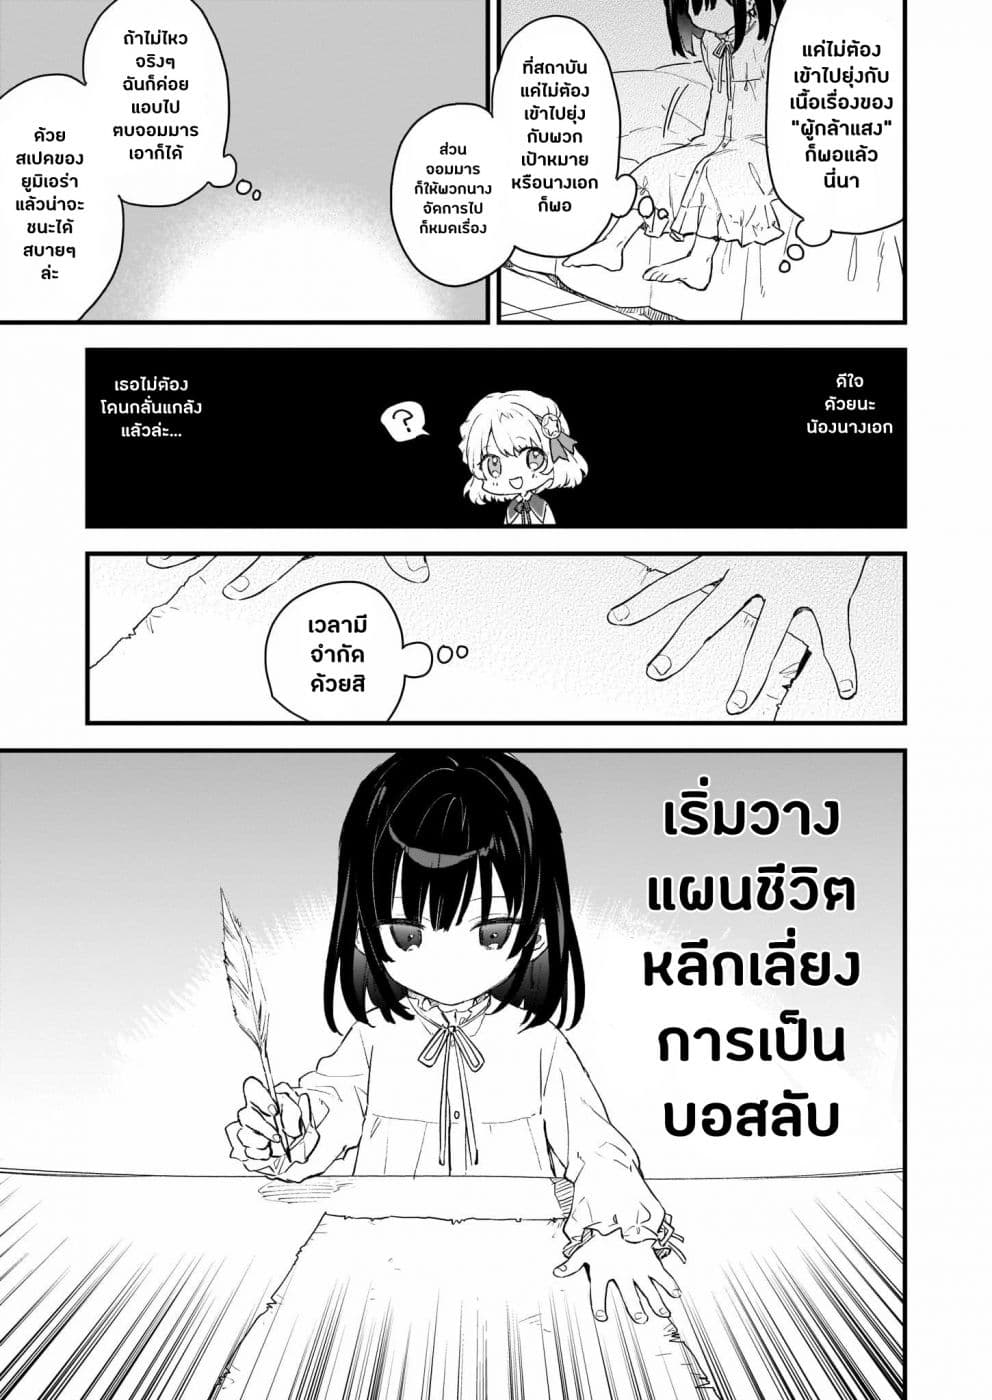 อ่านการ์ตูน Akuyaku Reijou Level 99 ตอนที่ 0 หน้าที่ 11